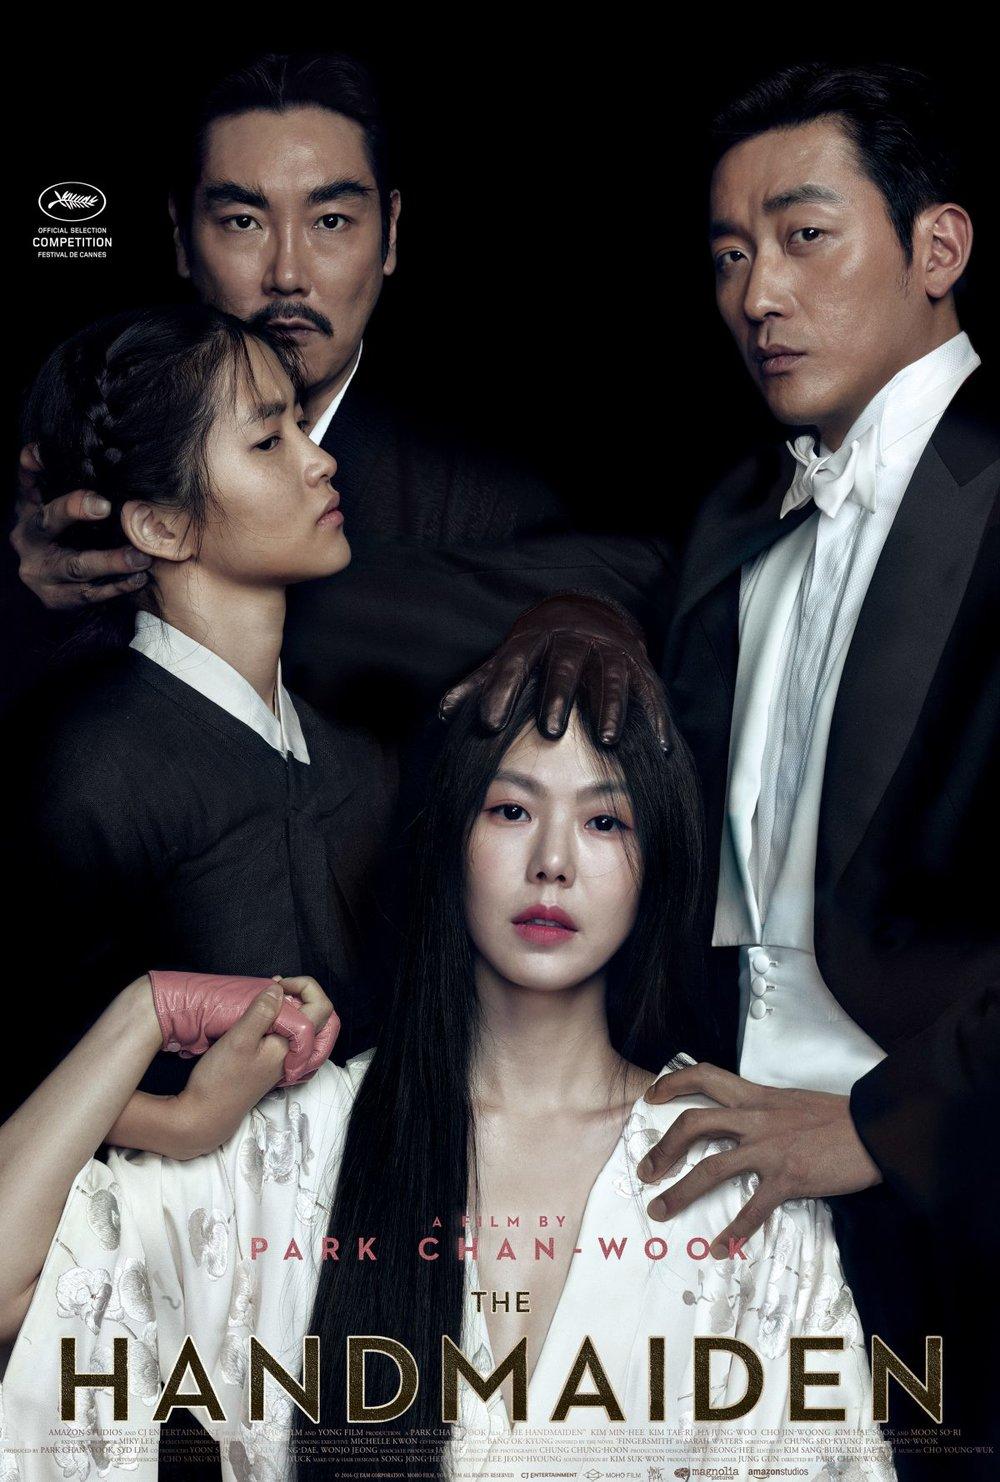 The Handmaiden - In Theaters Oct 21, 2016